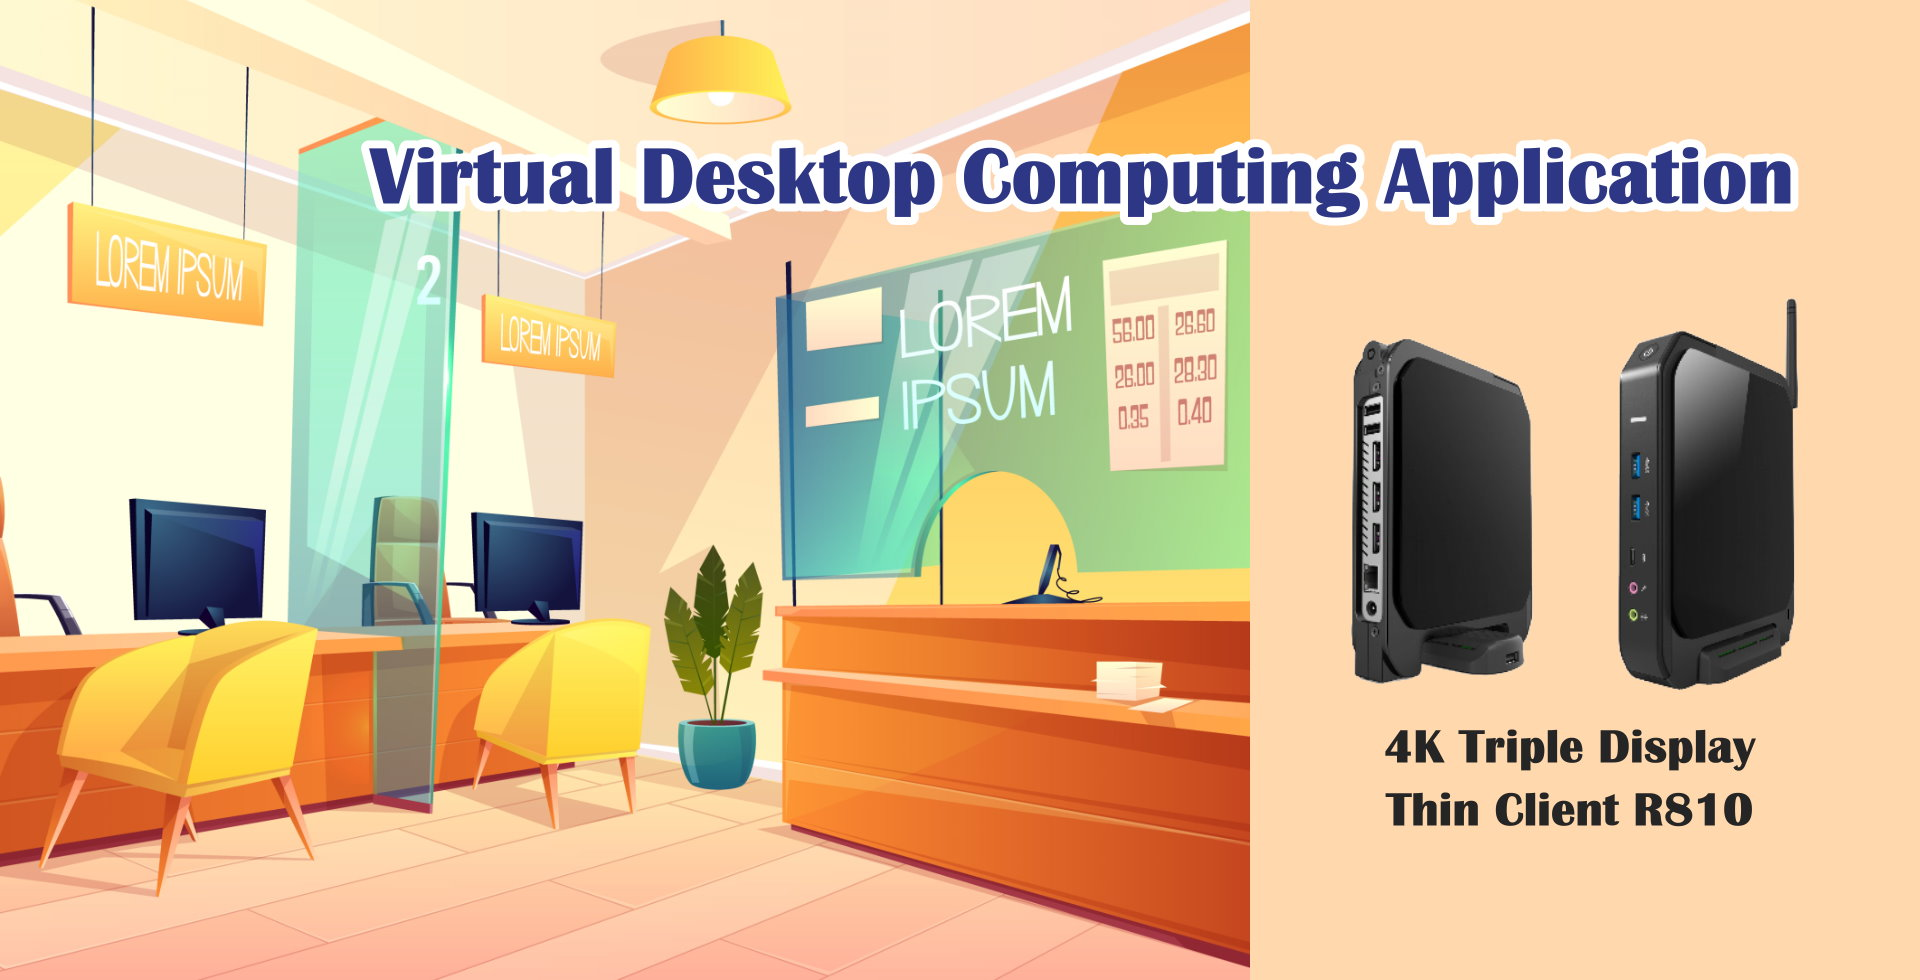 flexible and expandable commercial cloud thin client, virtual desktop computing